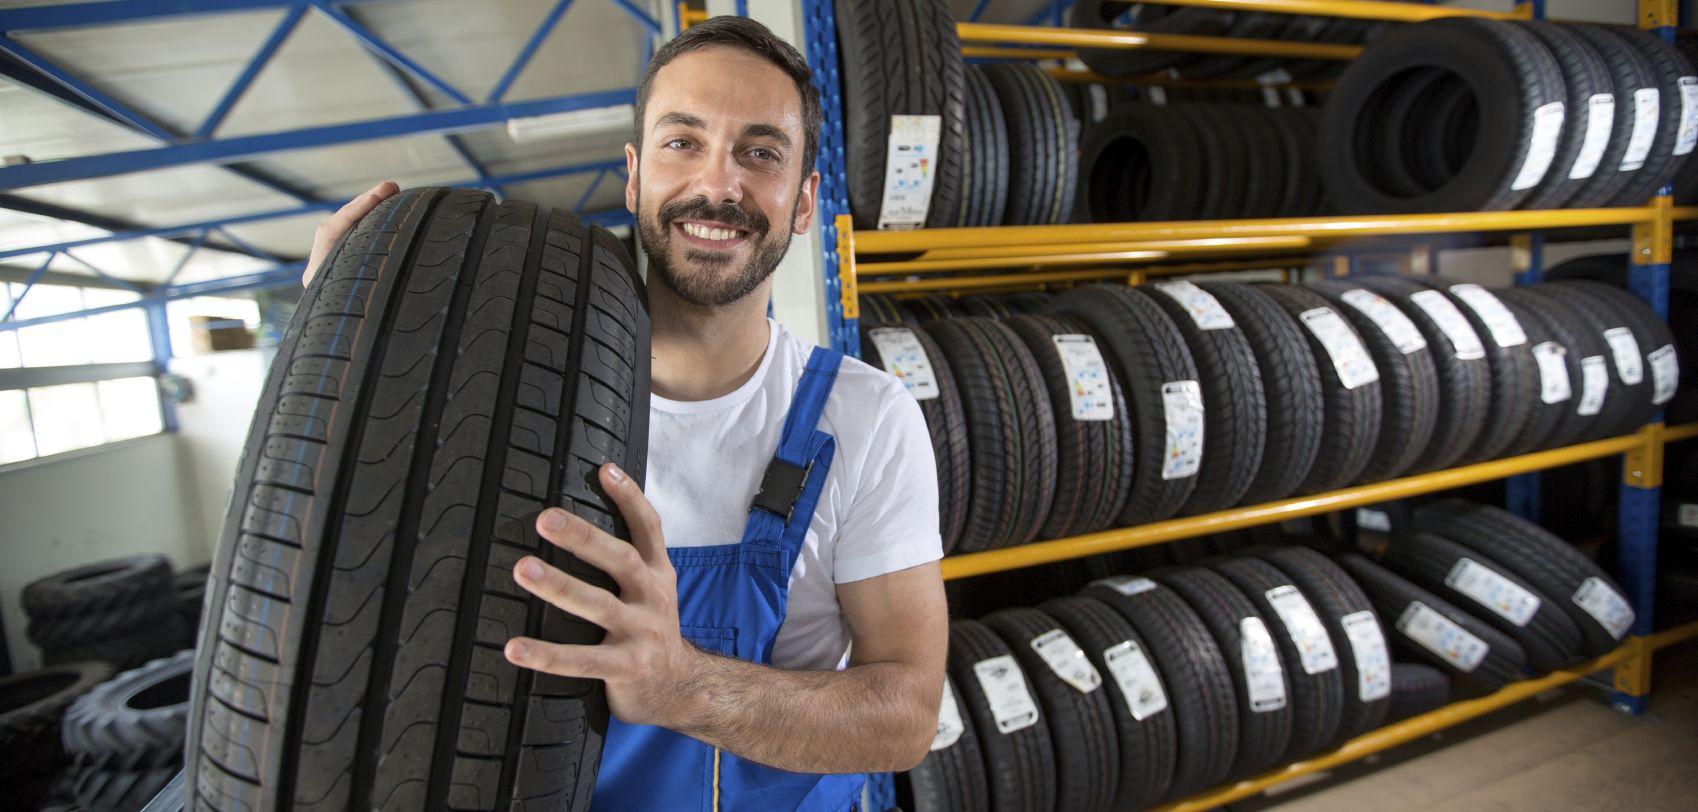 Winter Tire Shopping near Smyrna, DE